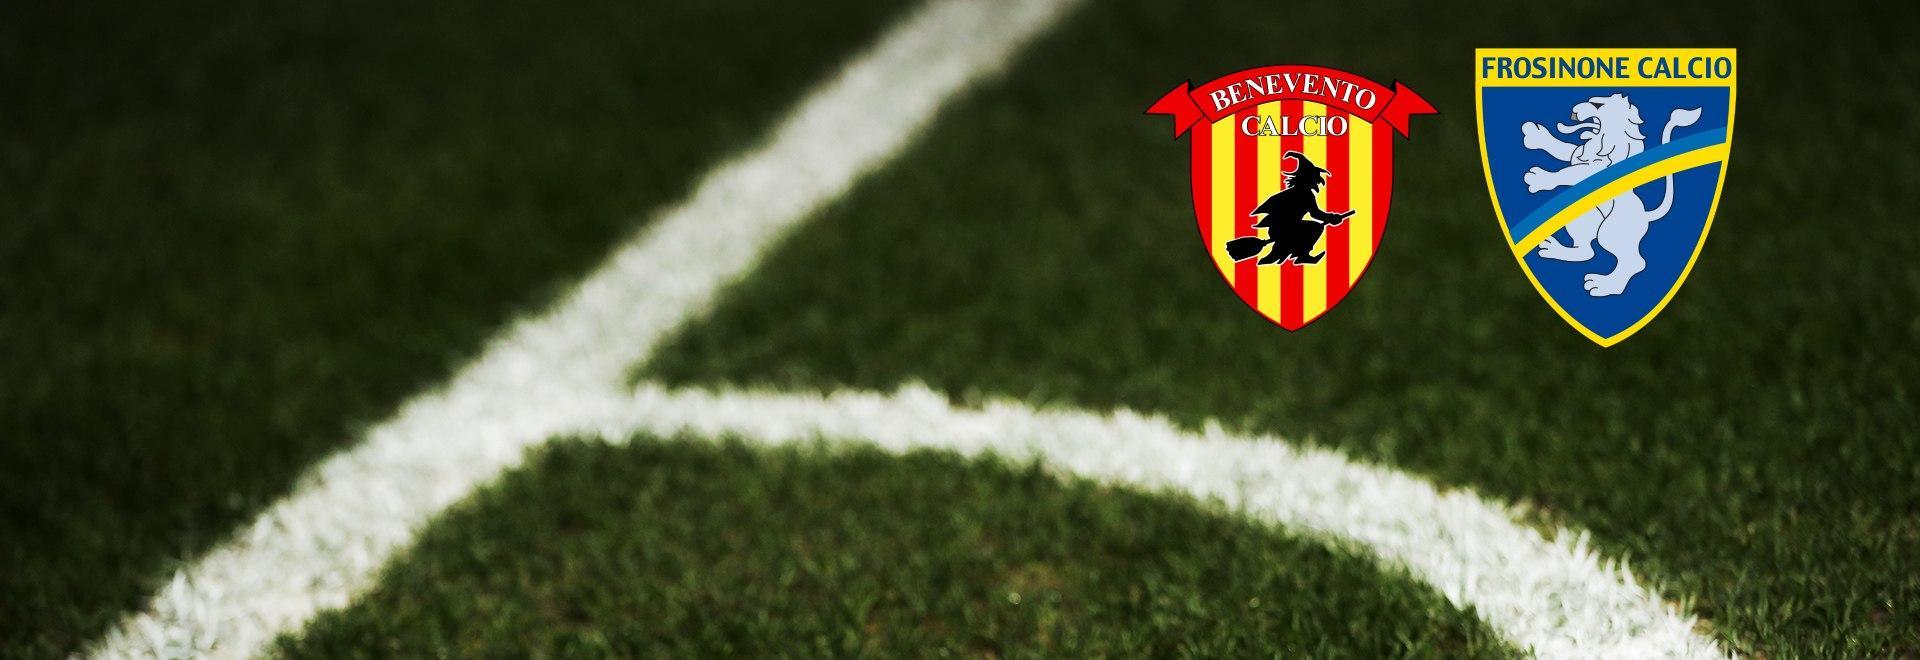 Benevento - Frosinone. 17a g.